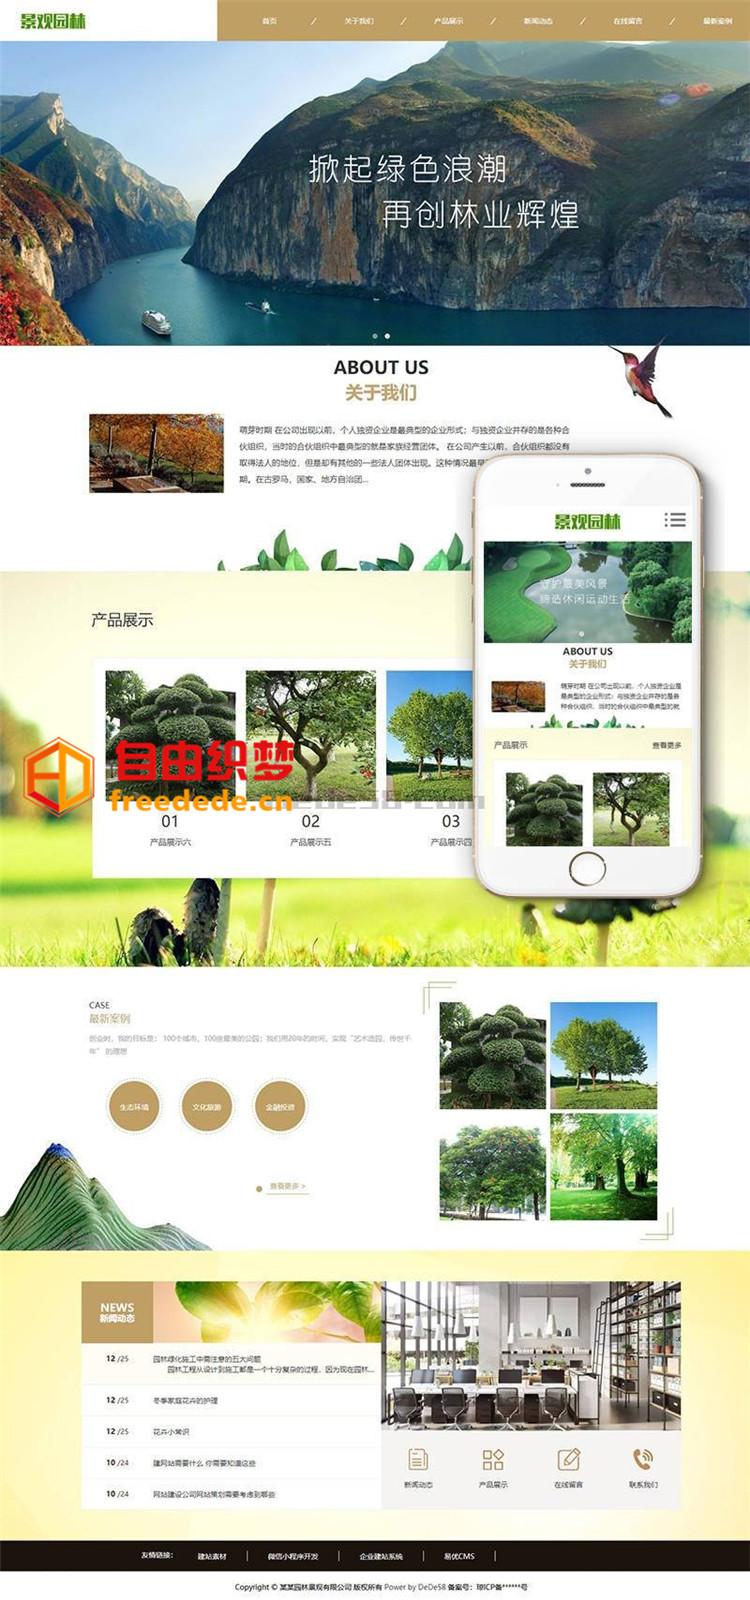 爱上源码网文章dedecms模板下载 响应式园林景观类网站织梦模板(自适应手机端)的内容插图